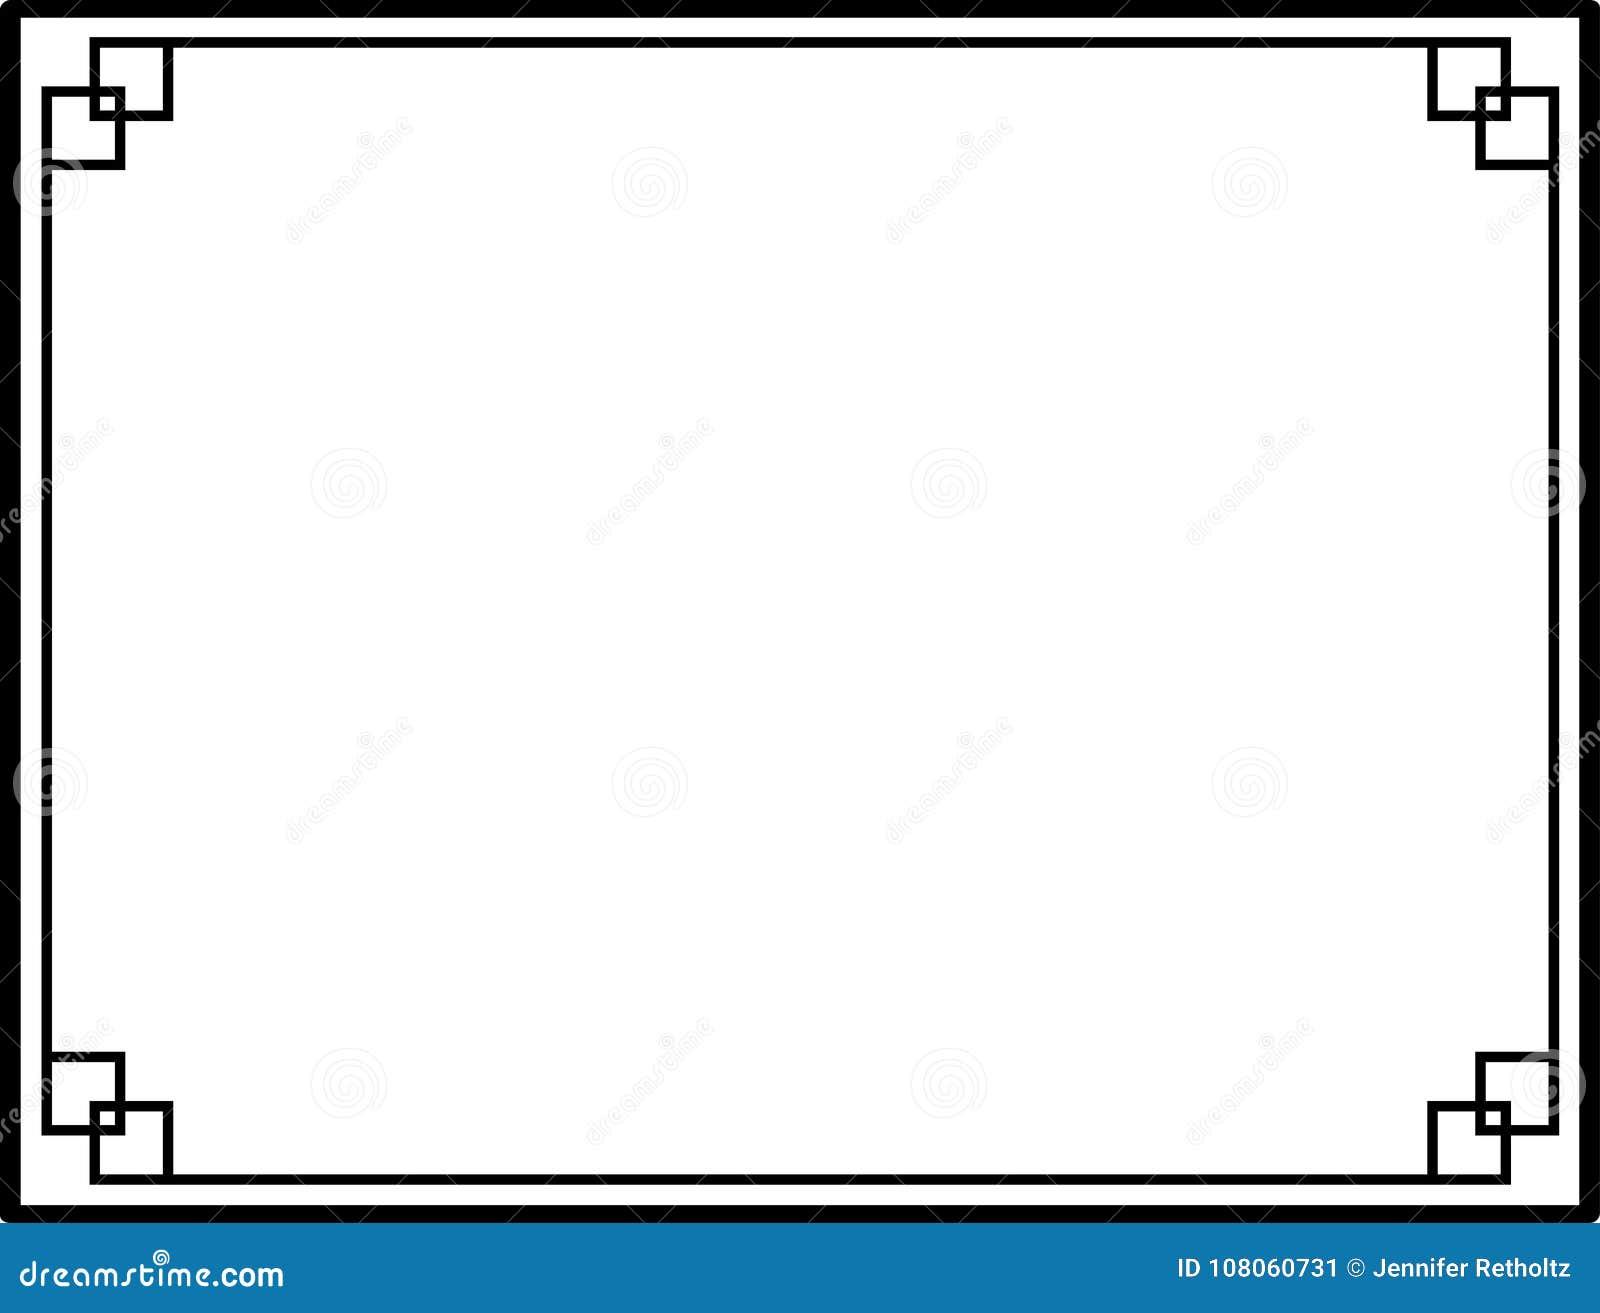 modern black and white clean border or frame stock vectormodern black and white clean border or frame